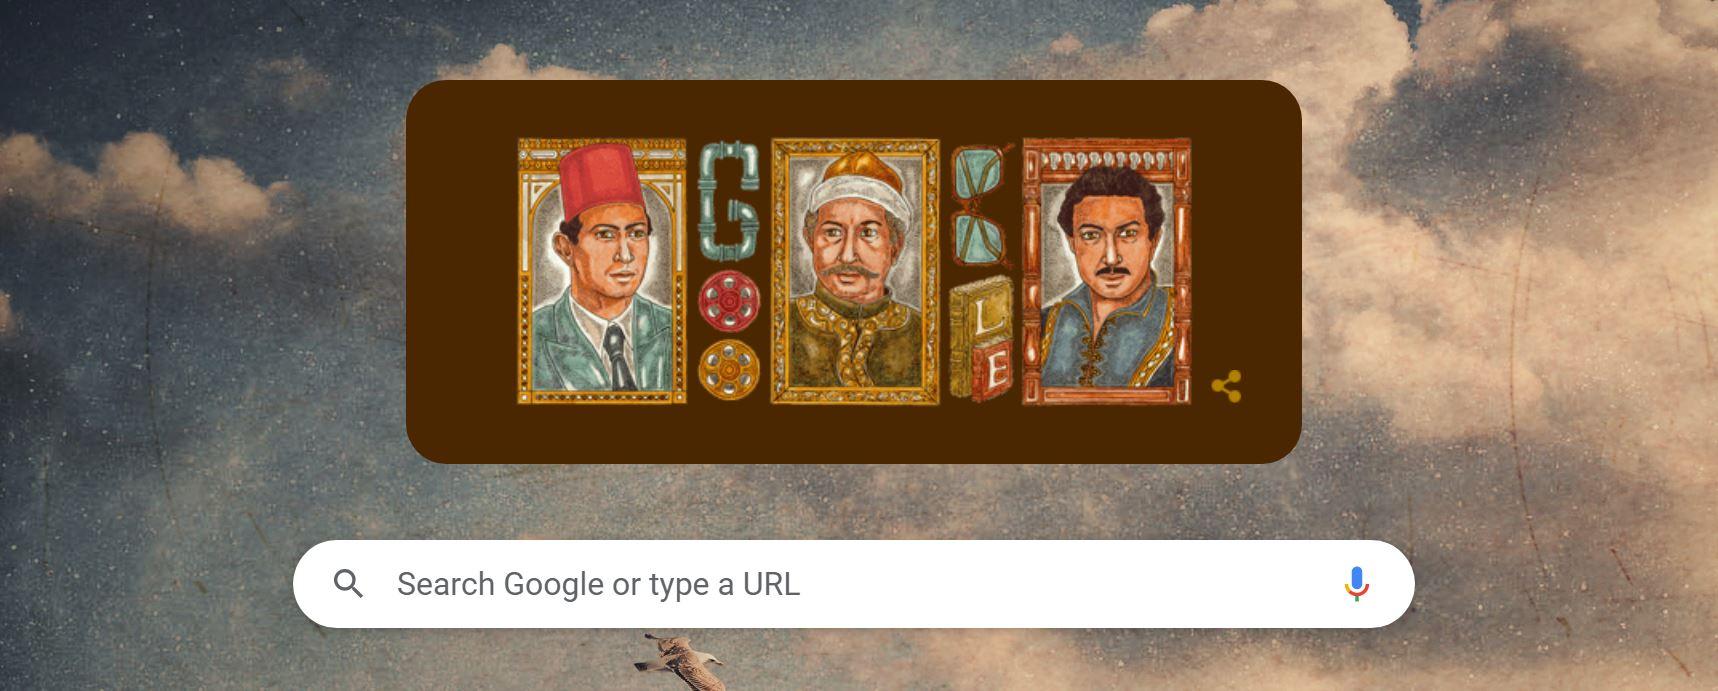 الاحتفال بذكرى الفنان نور الشريف على محرك غوغل